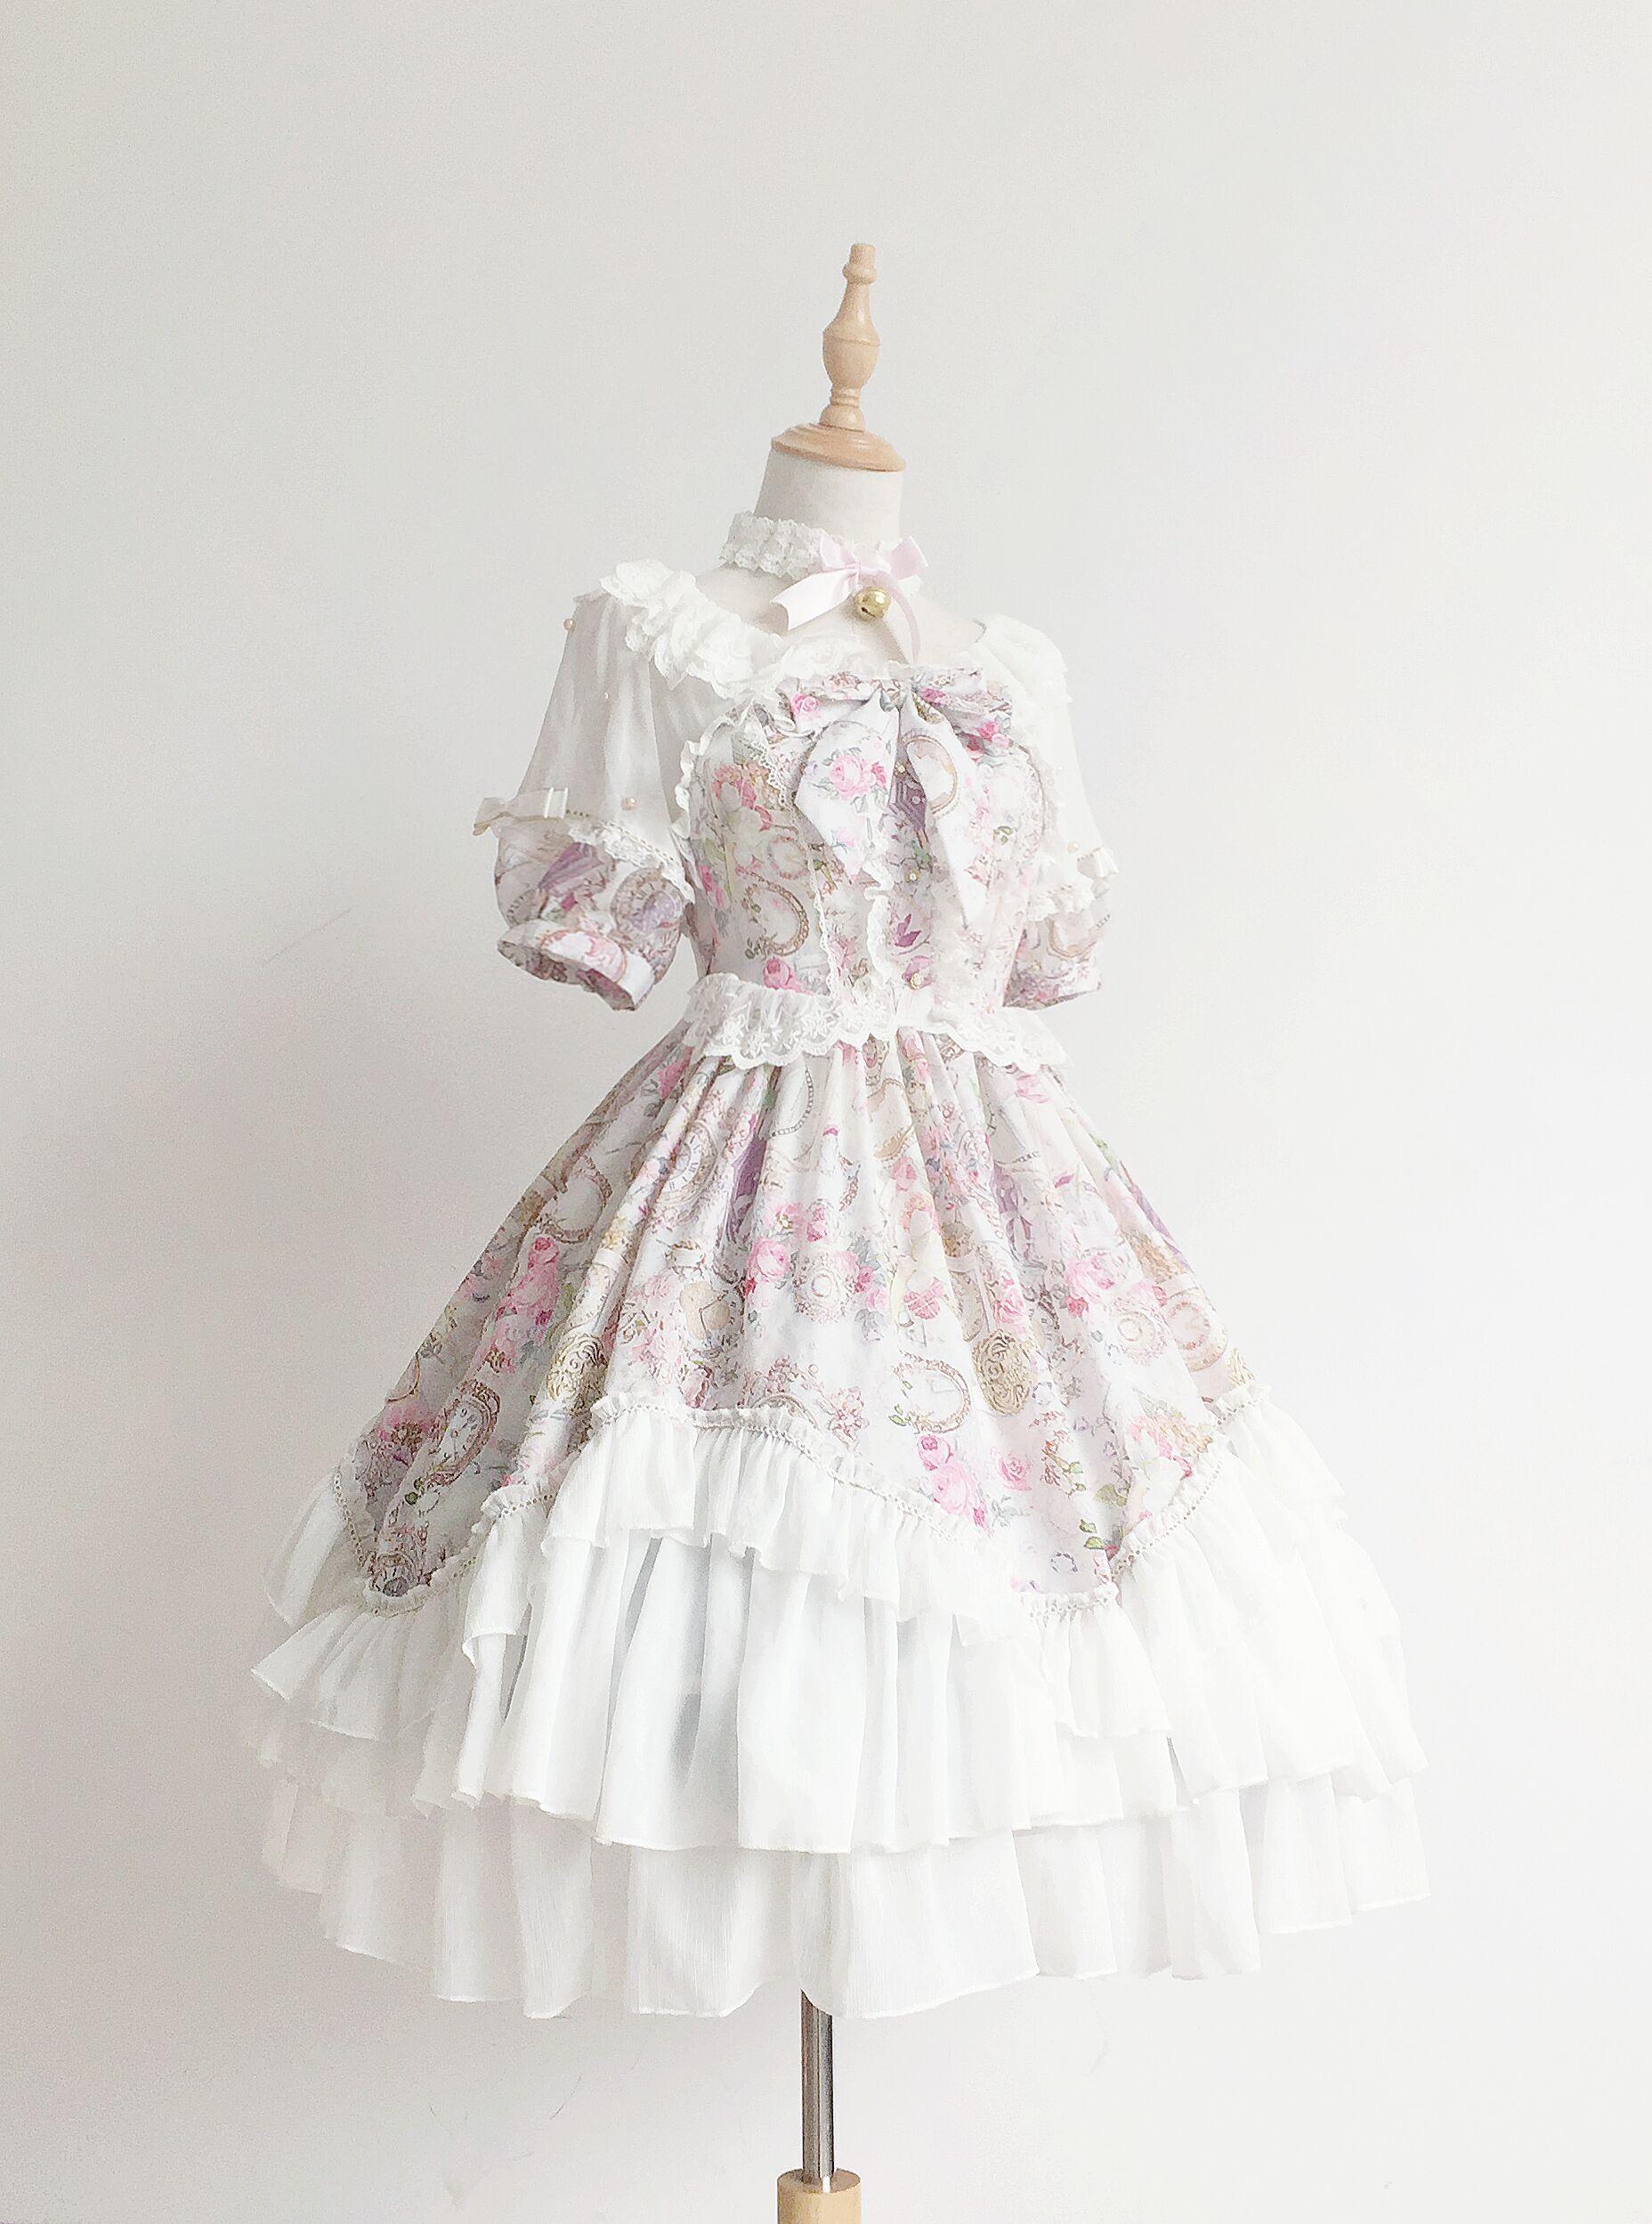 Courtes Par Soufflesong Op Mousseline Ciel Lolita Série rose Antique Horloge Pu Exclusif Robe Soie Manches De Design Bouffantes En 6gxR8H6